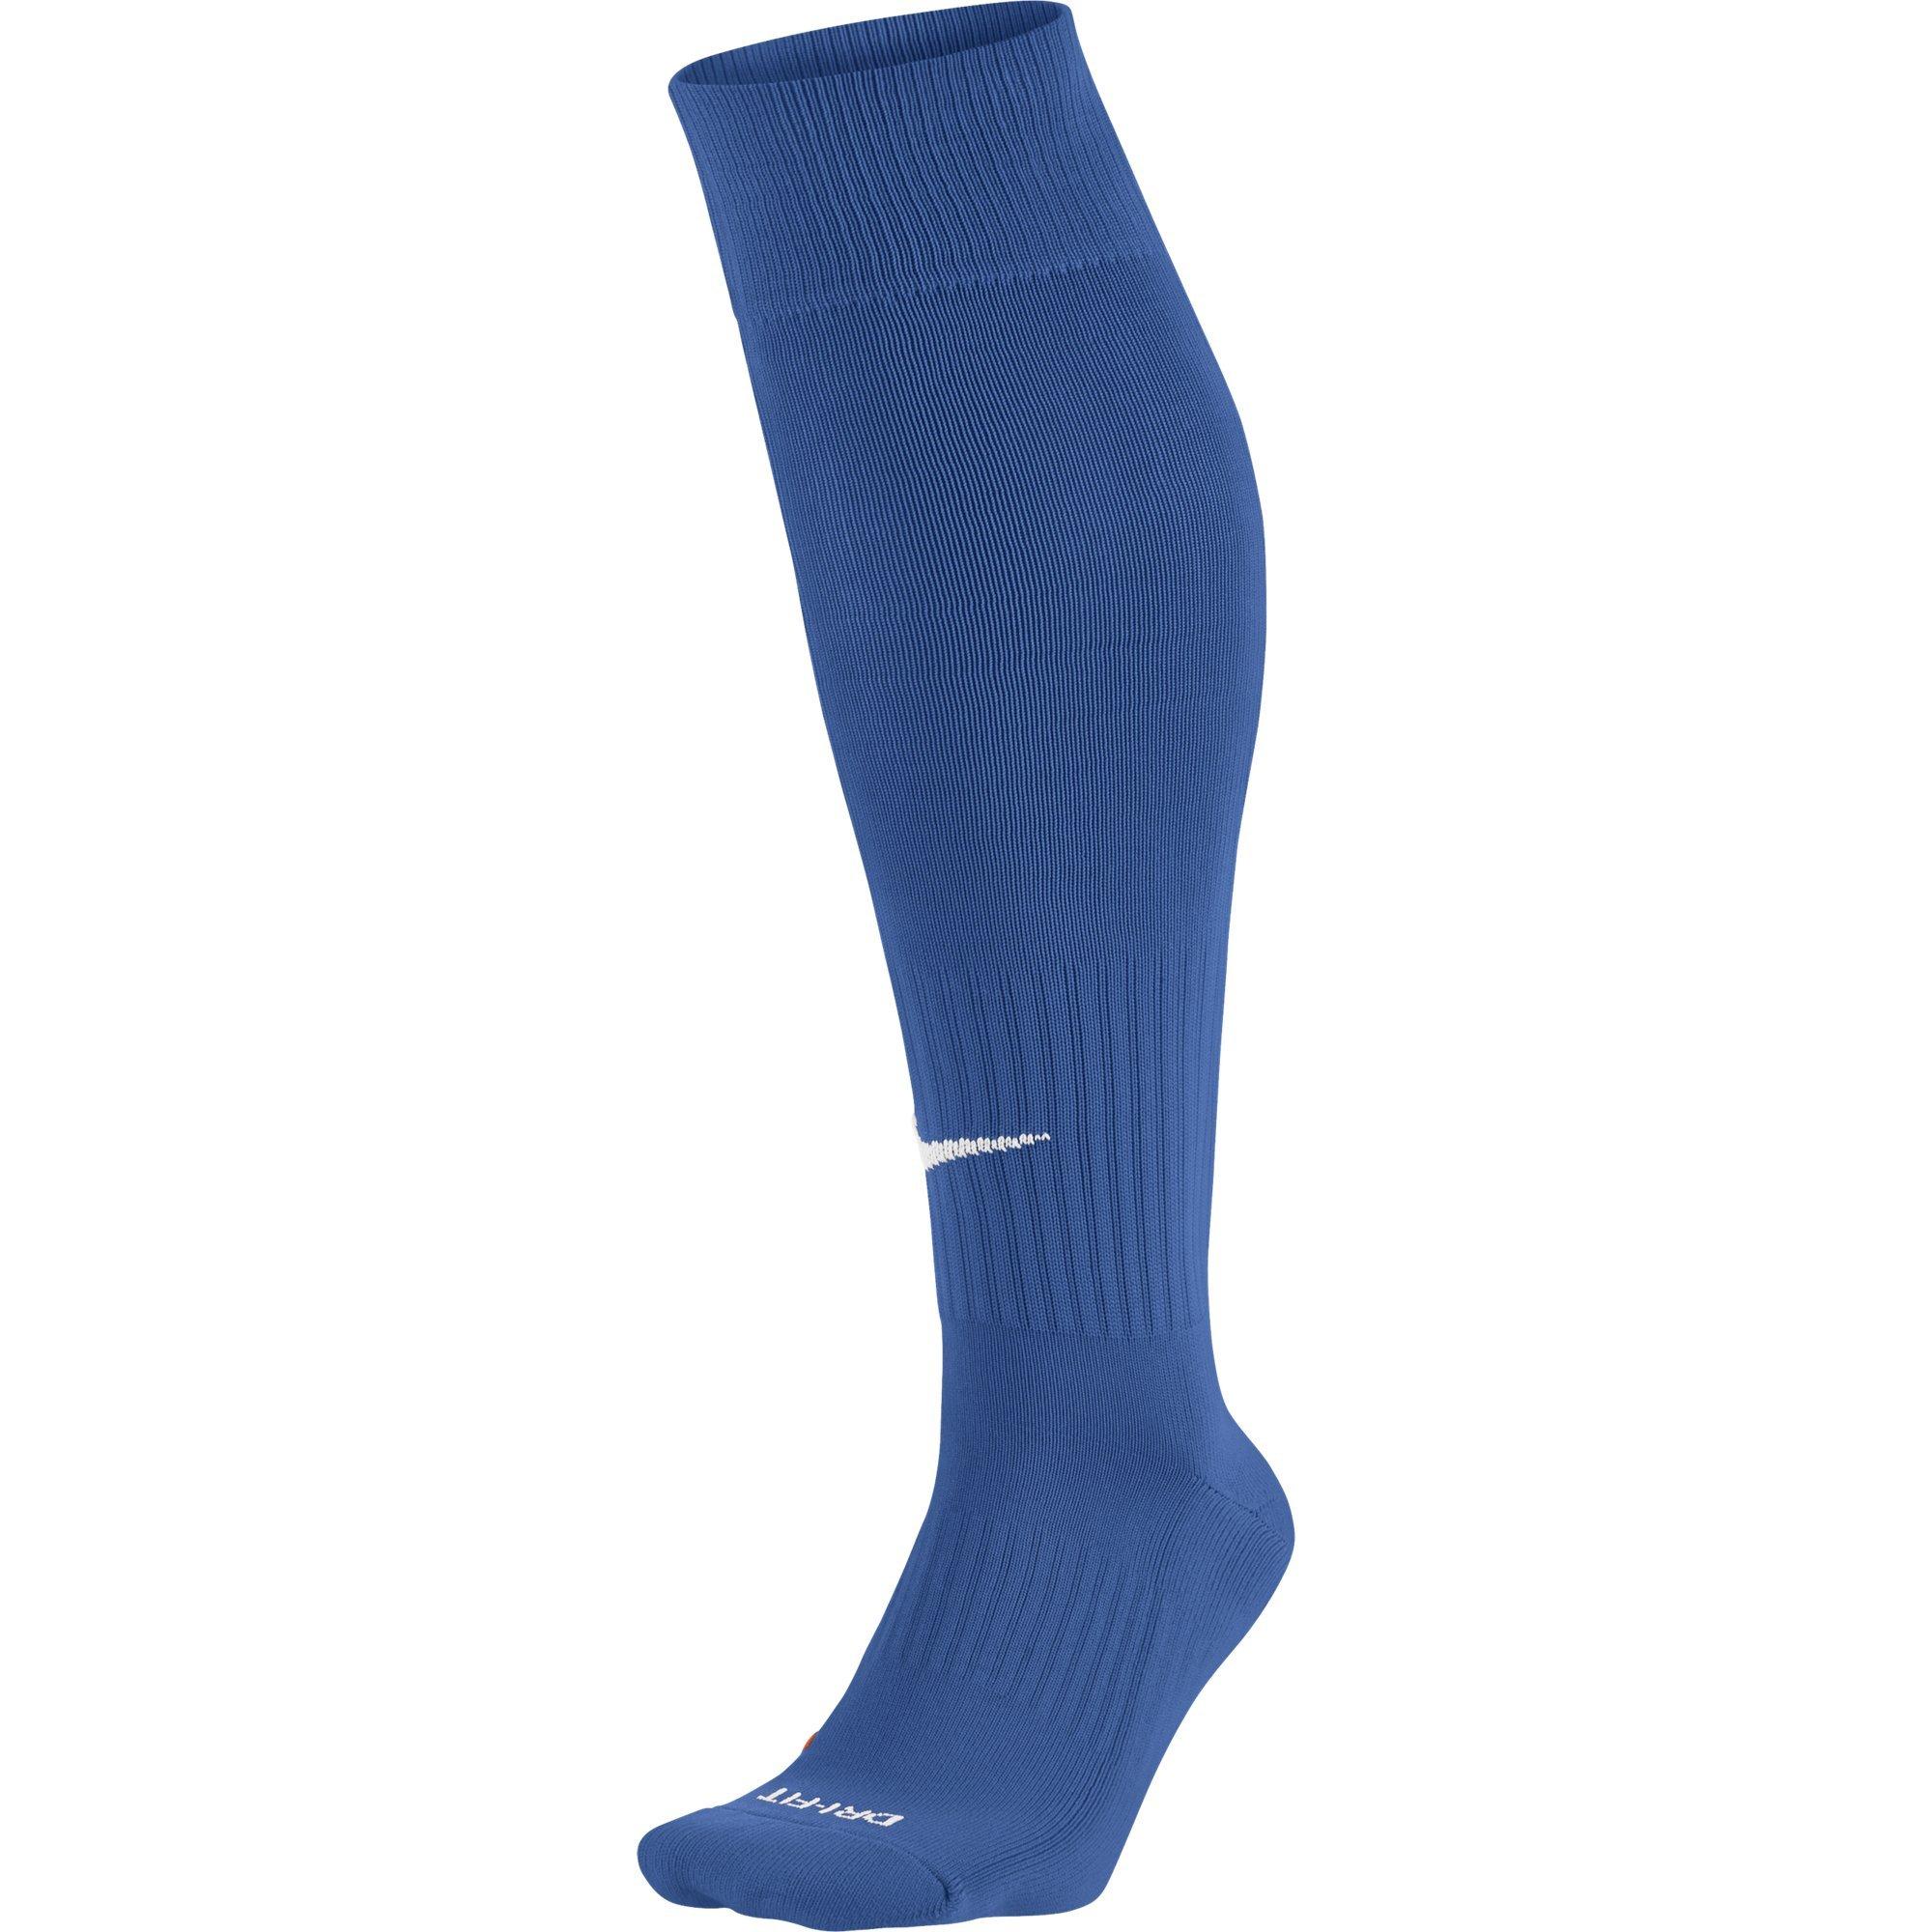 NIKE Unisex Academy Over-The-Calf Soccer Socks, Varsity Royal/White, Large